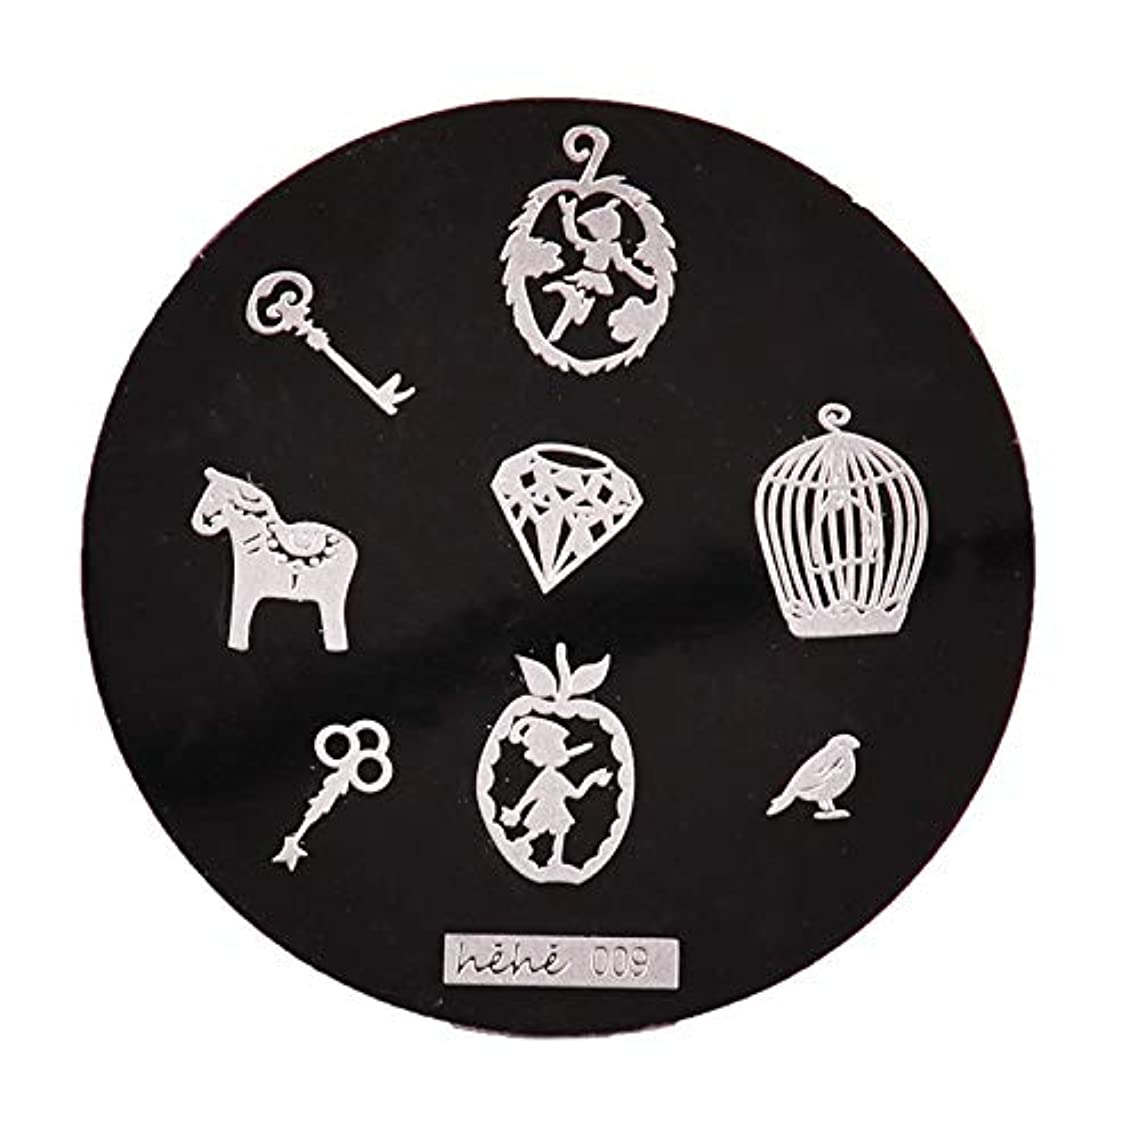 潜む機動増幅器Yoshilimen スマートネイルアートネイル丸板印刷プレート(None 09)